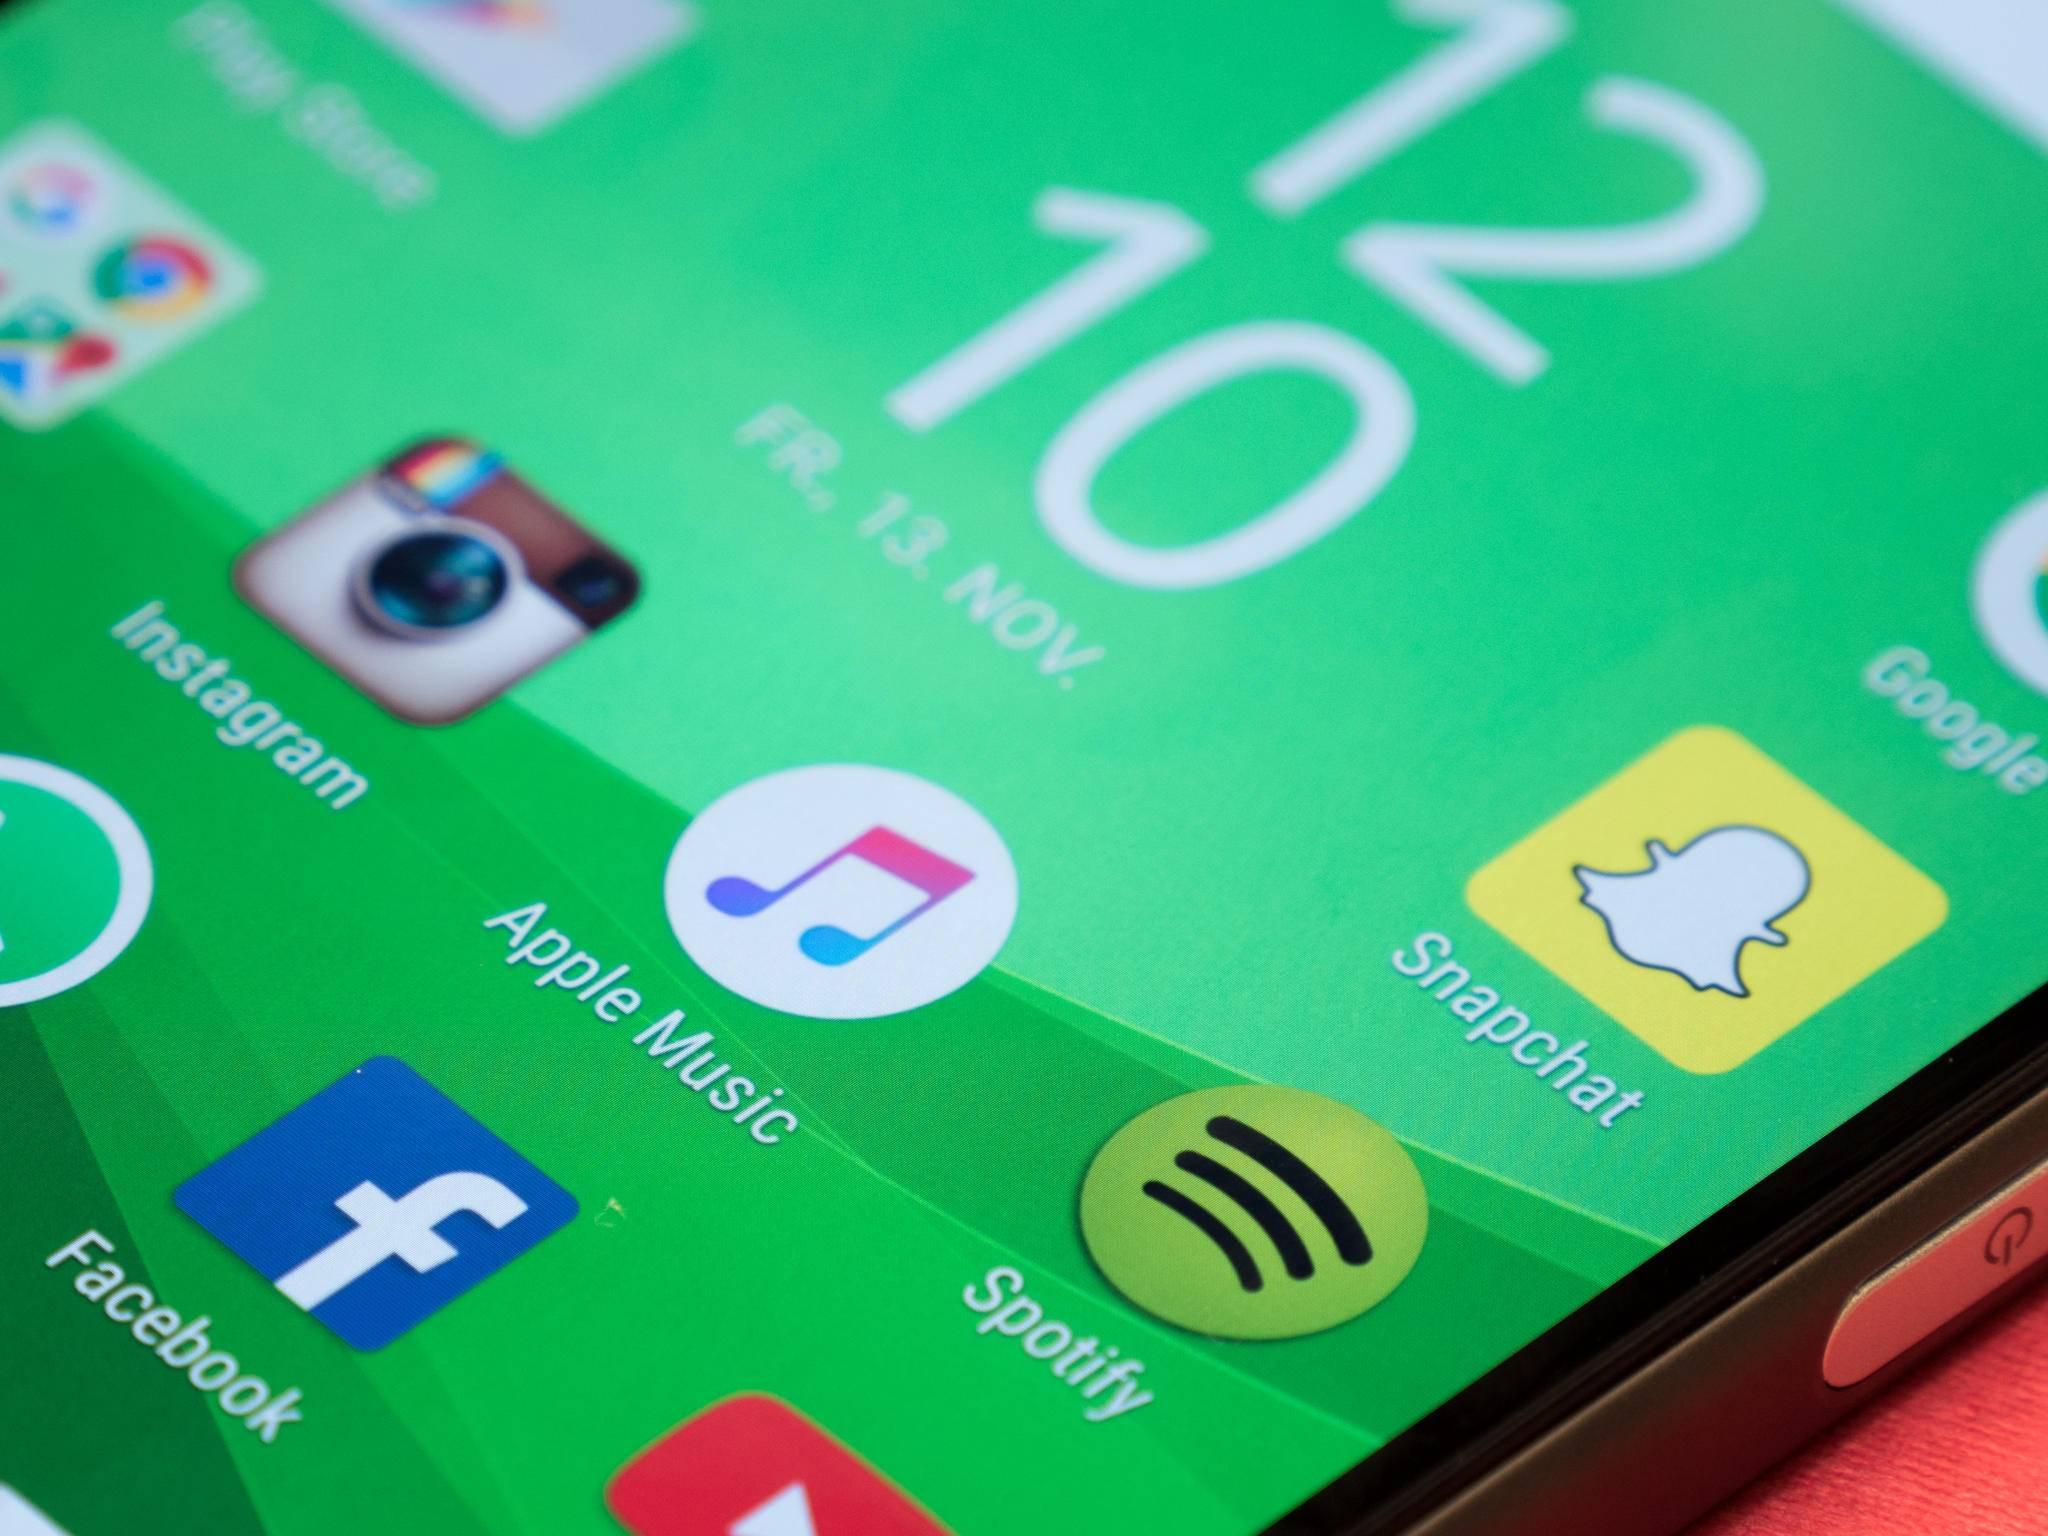 Apple Music unterstützt jetzt Online-Mediatheken mit bis zu 100.000 Songs.